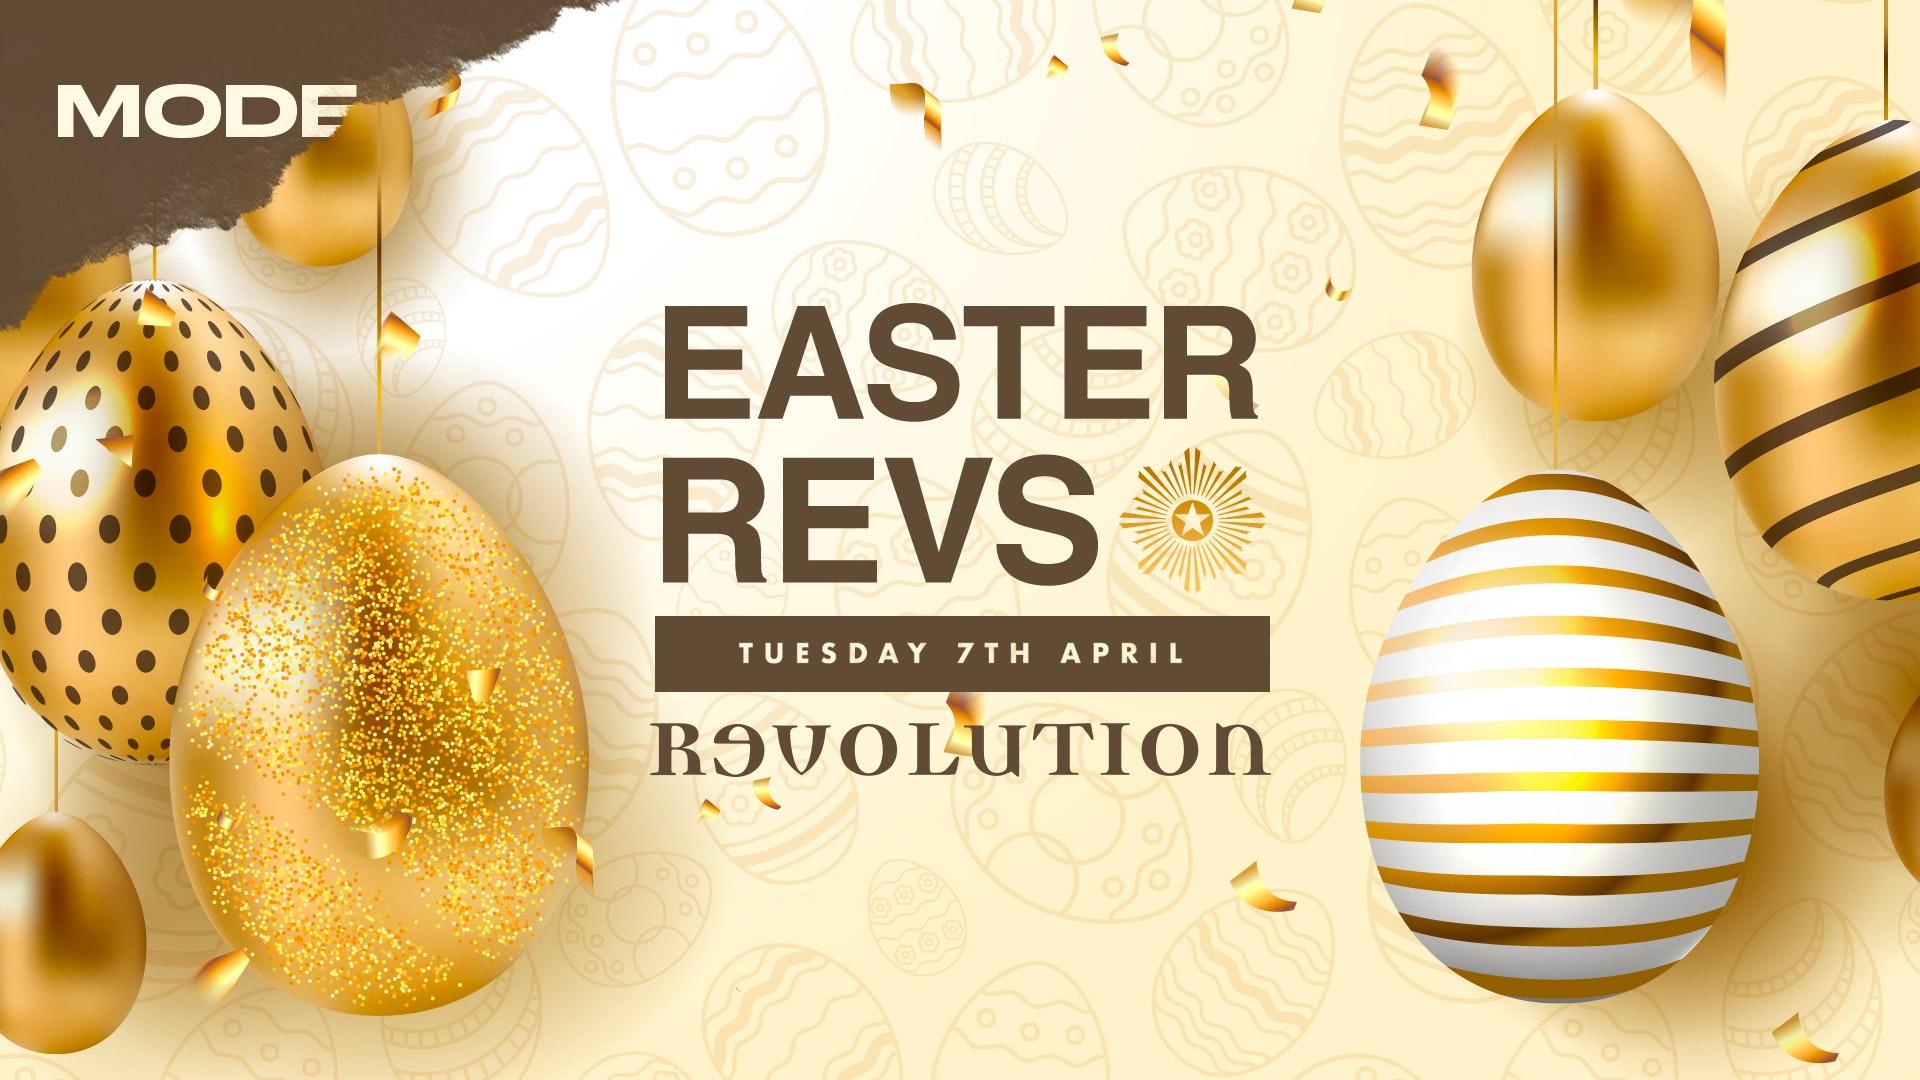 Mode Presents: Easter Revs – 7th April